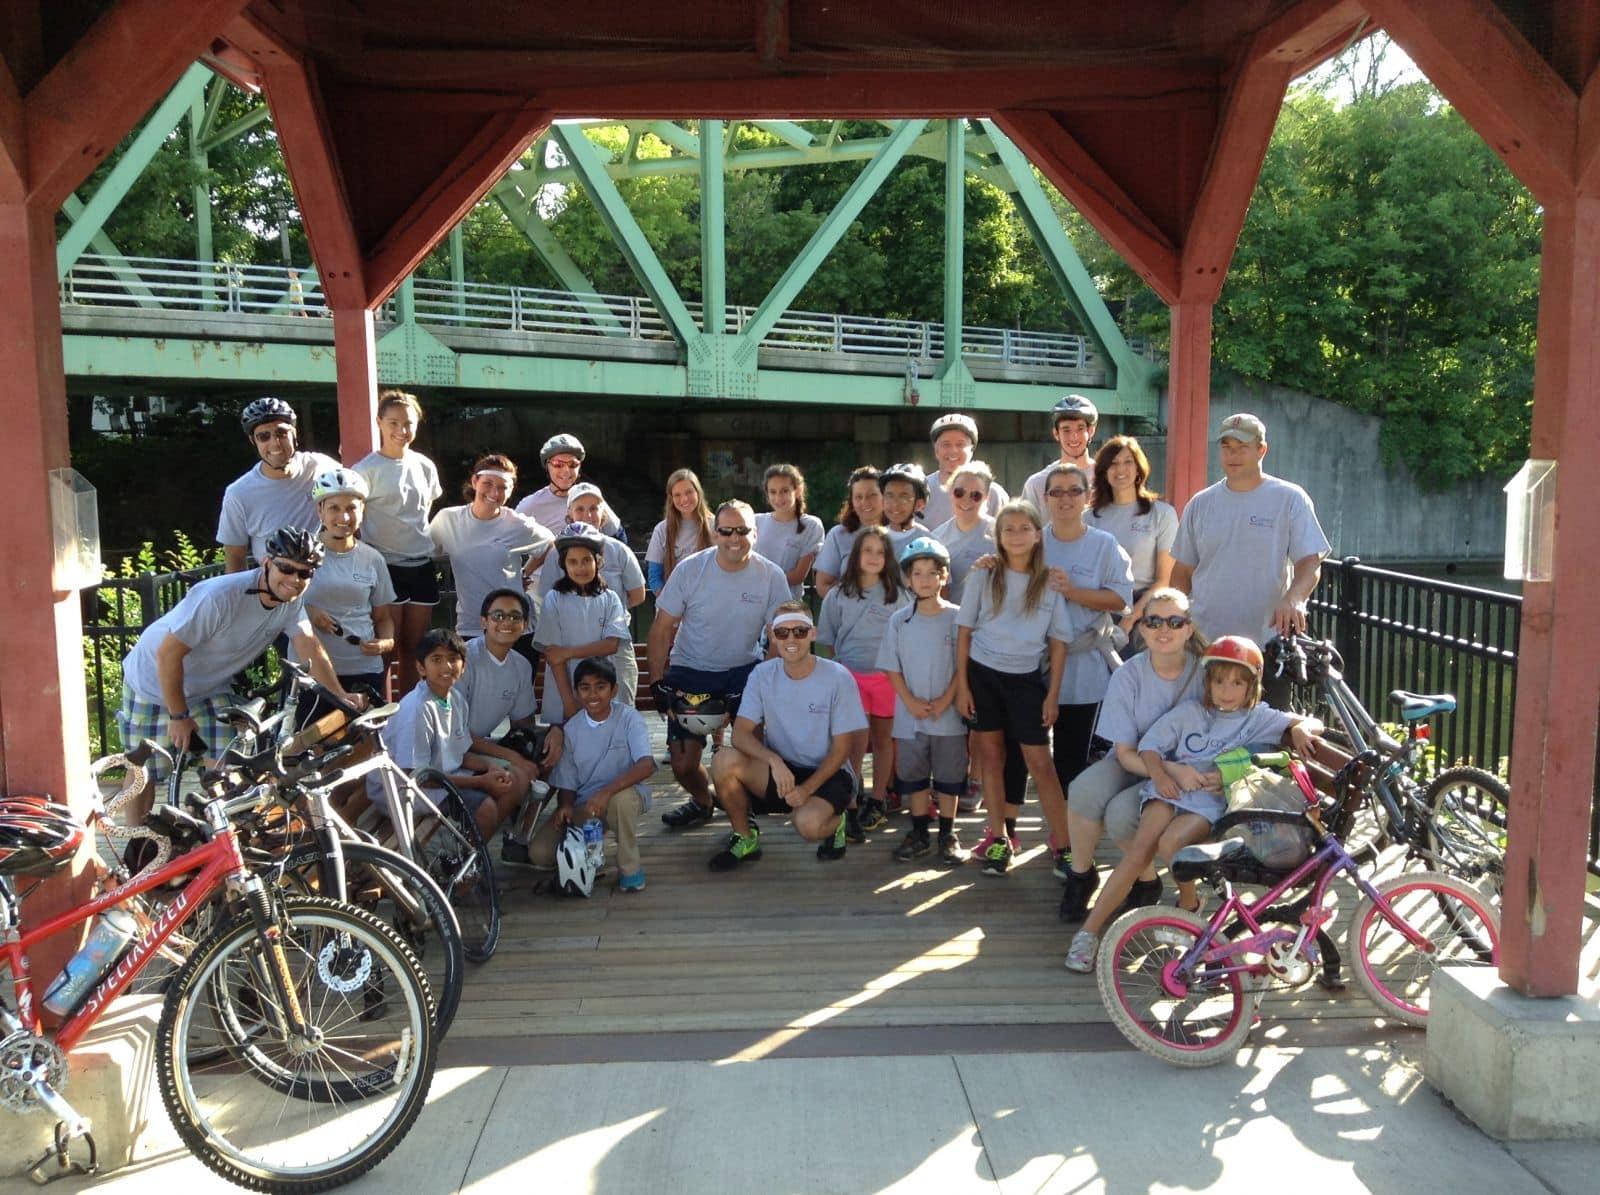 Group Picture Bike Club Ride July 151 - July 2015: Inaugural Bike Ride